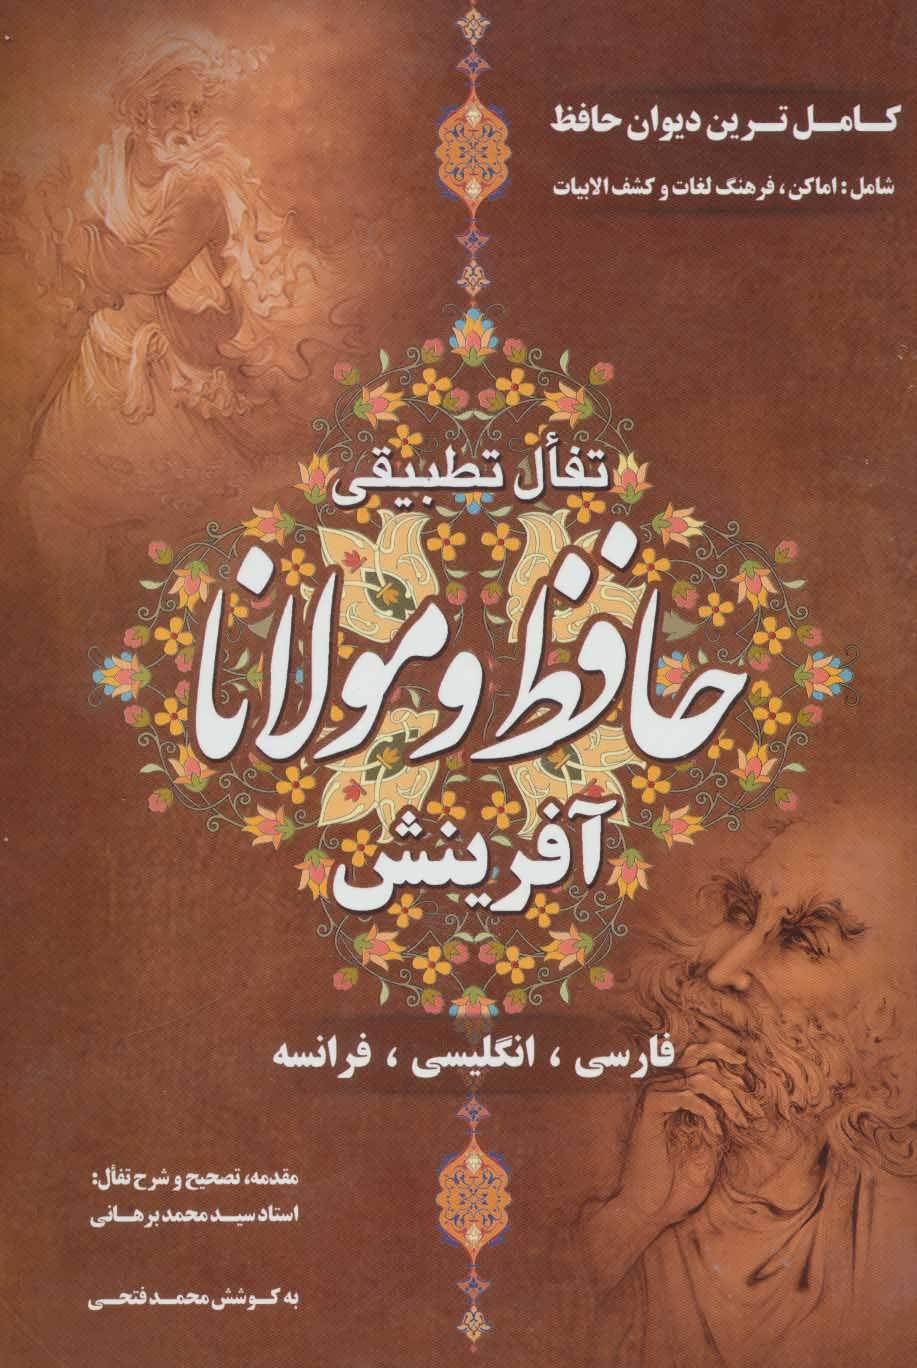 تفال تطبيقي حافظ و مولانا